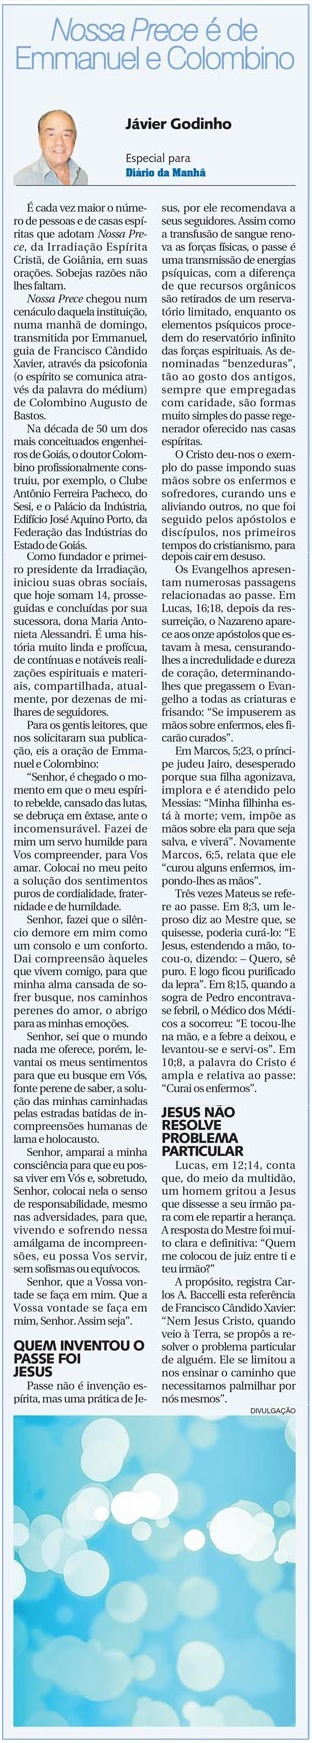 DM 23-04-2014 - Nossa Prece é de Emmanuel e Colombino - Jávier Godinho